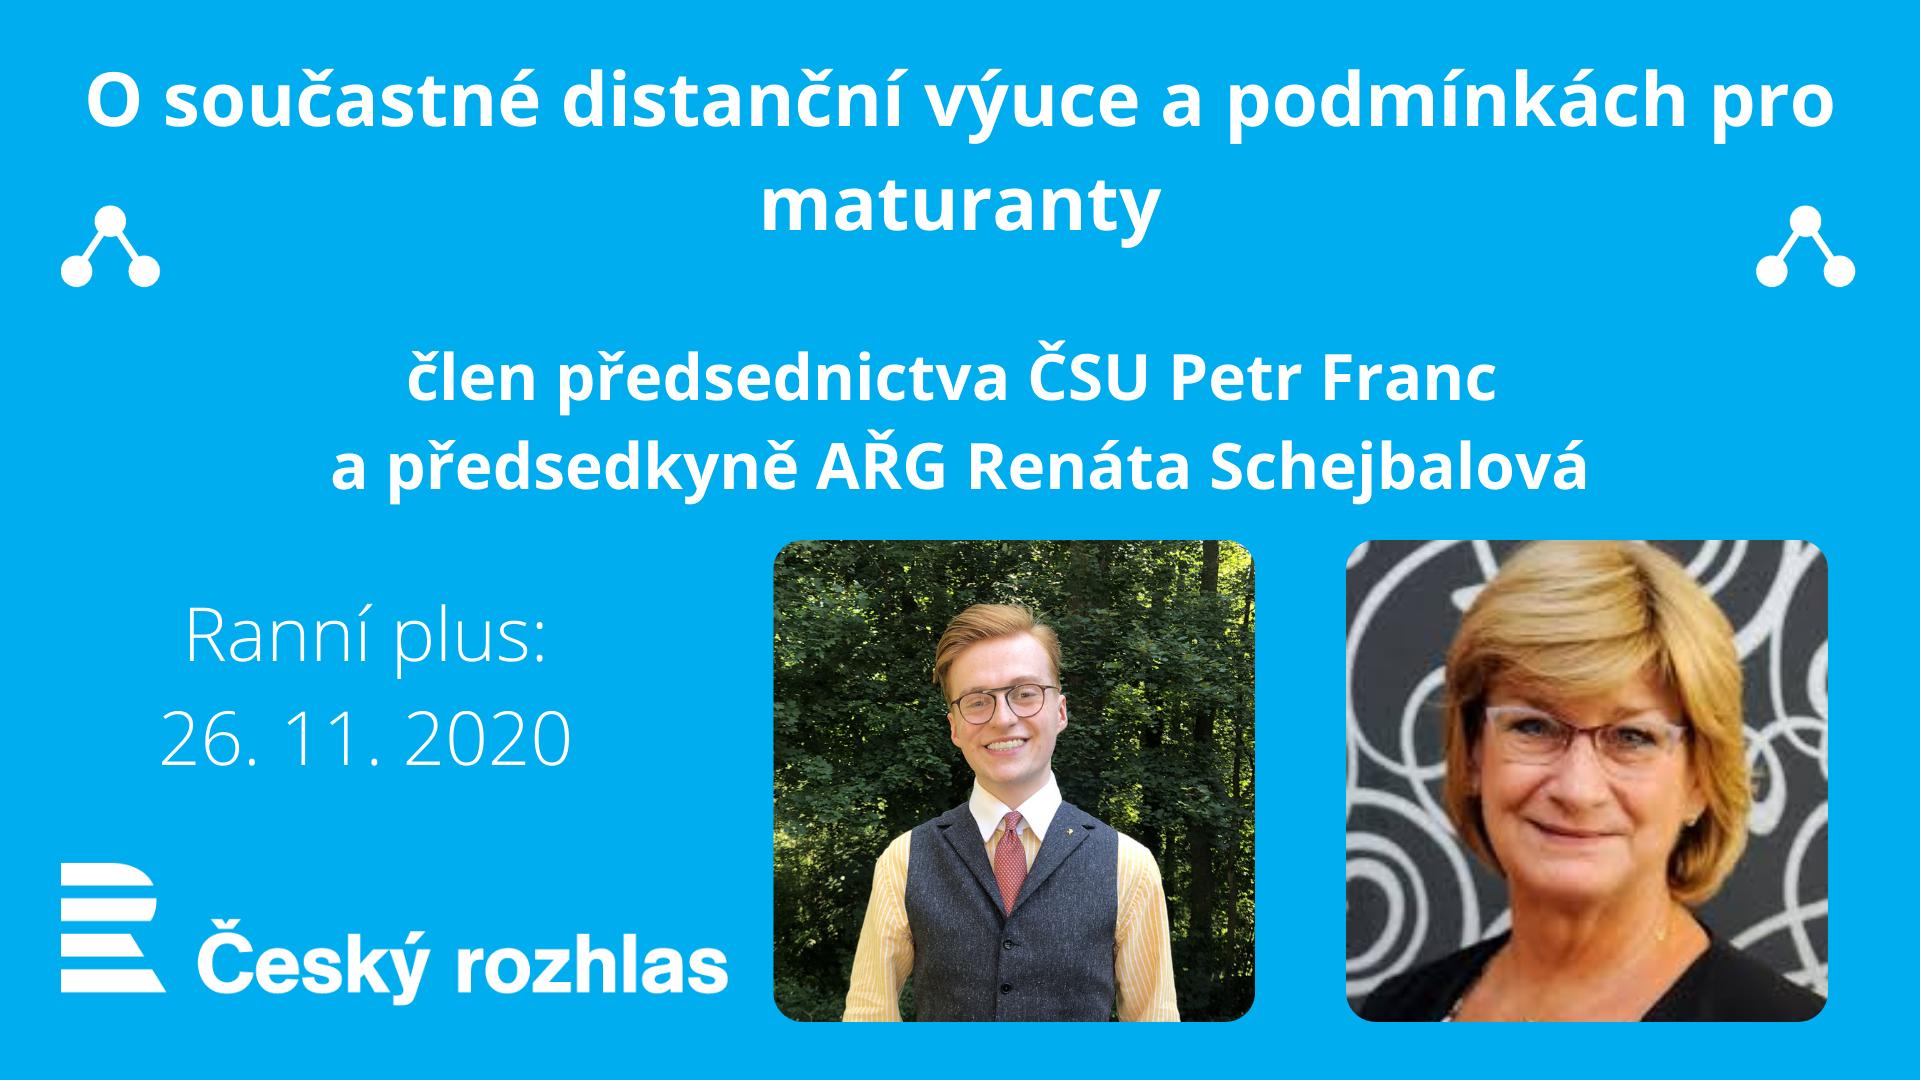 Člen předsednictva ČSU Petr Franc s předsedkyní AŘG Renátou Schejbalovou na ČR+